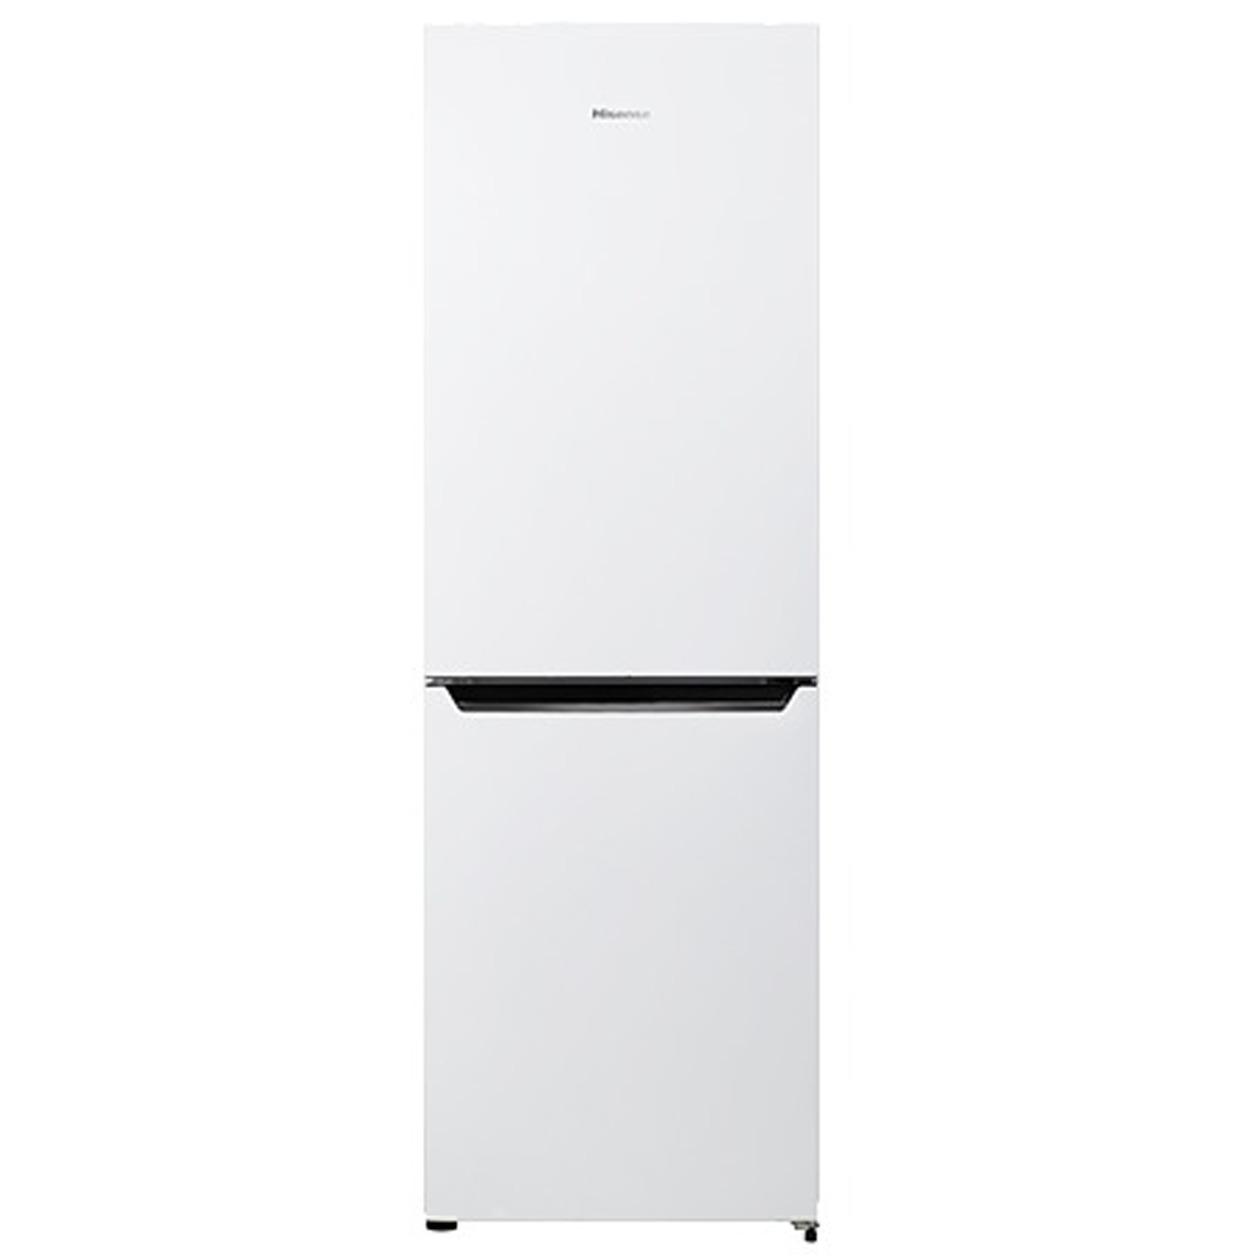 Hisense koelkast met vriesvak RB371N4EW1